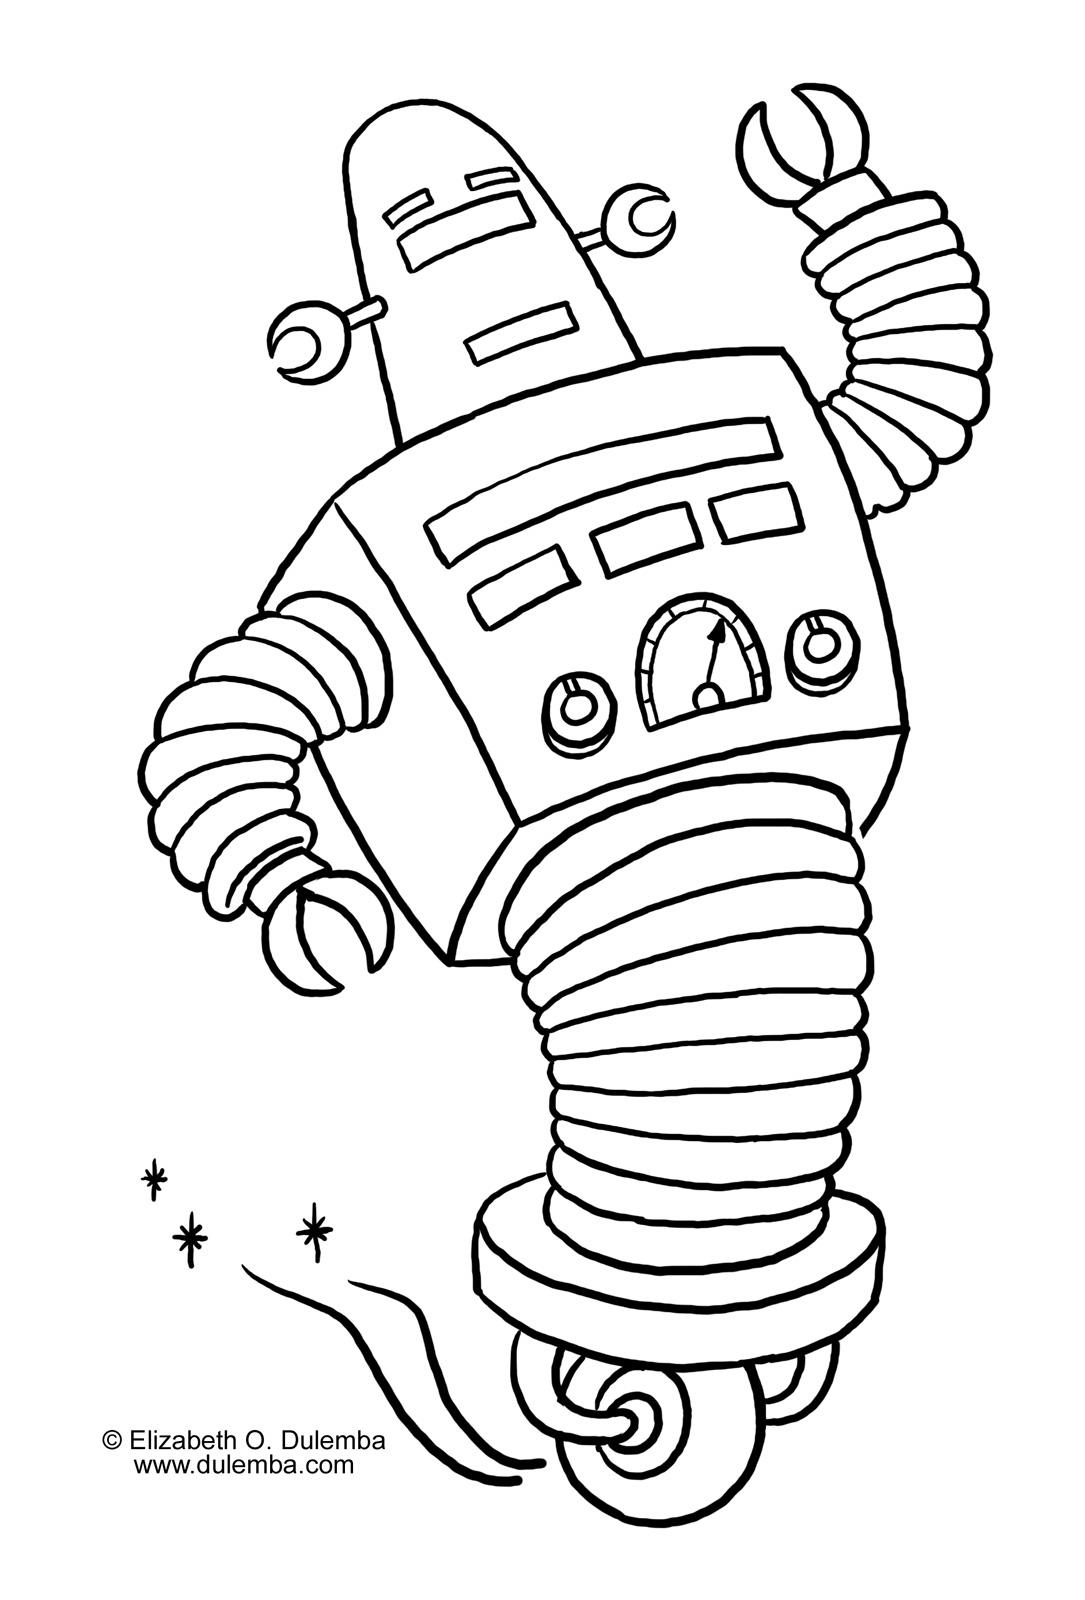 Dessin colorier robot x - Coloriage tobot ...